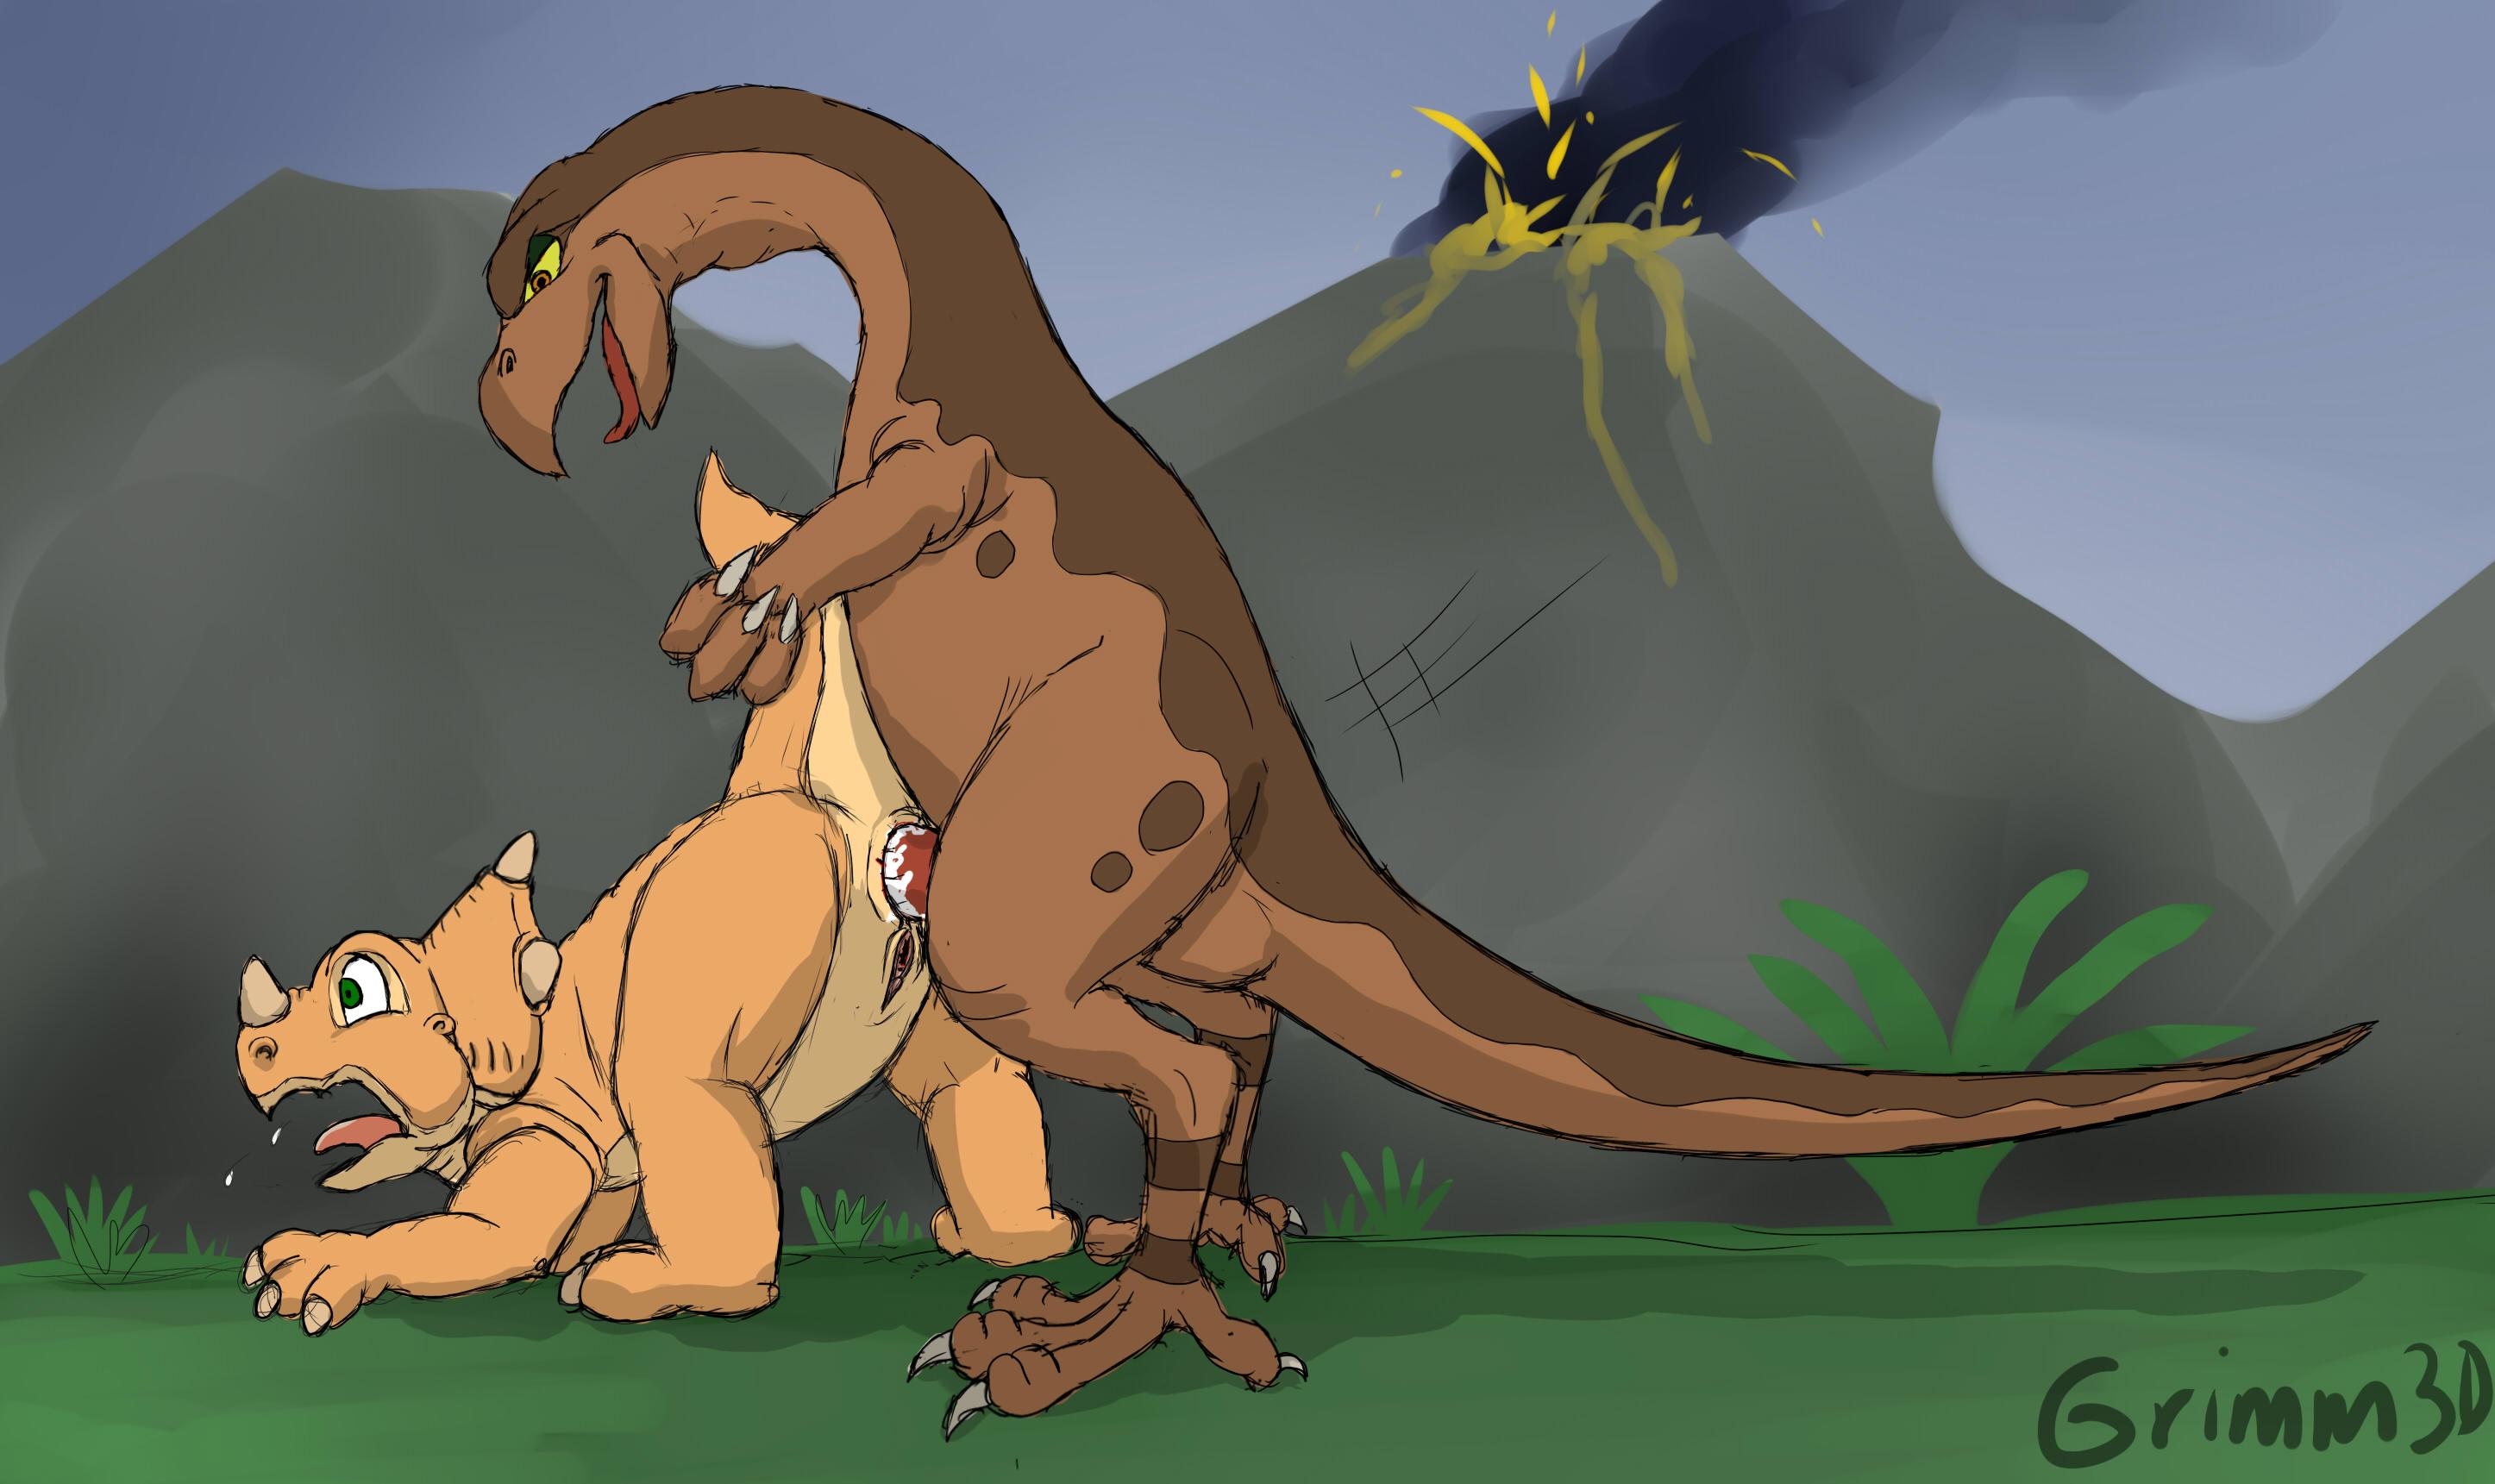 Аниме хентай динозавры картинки